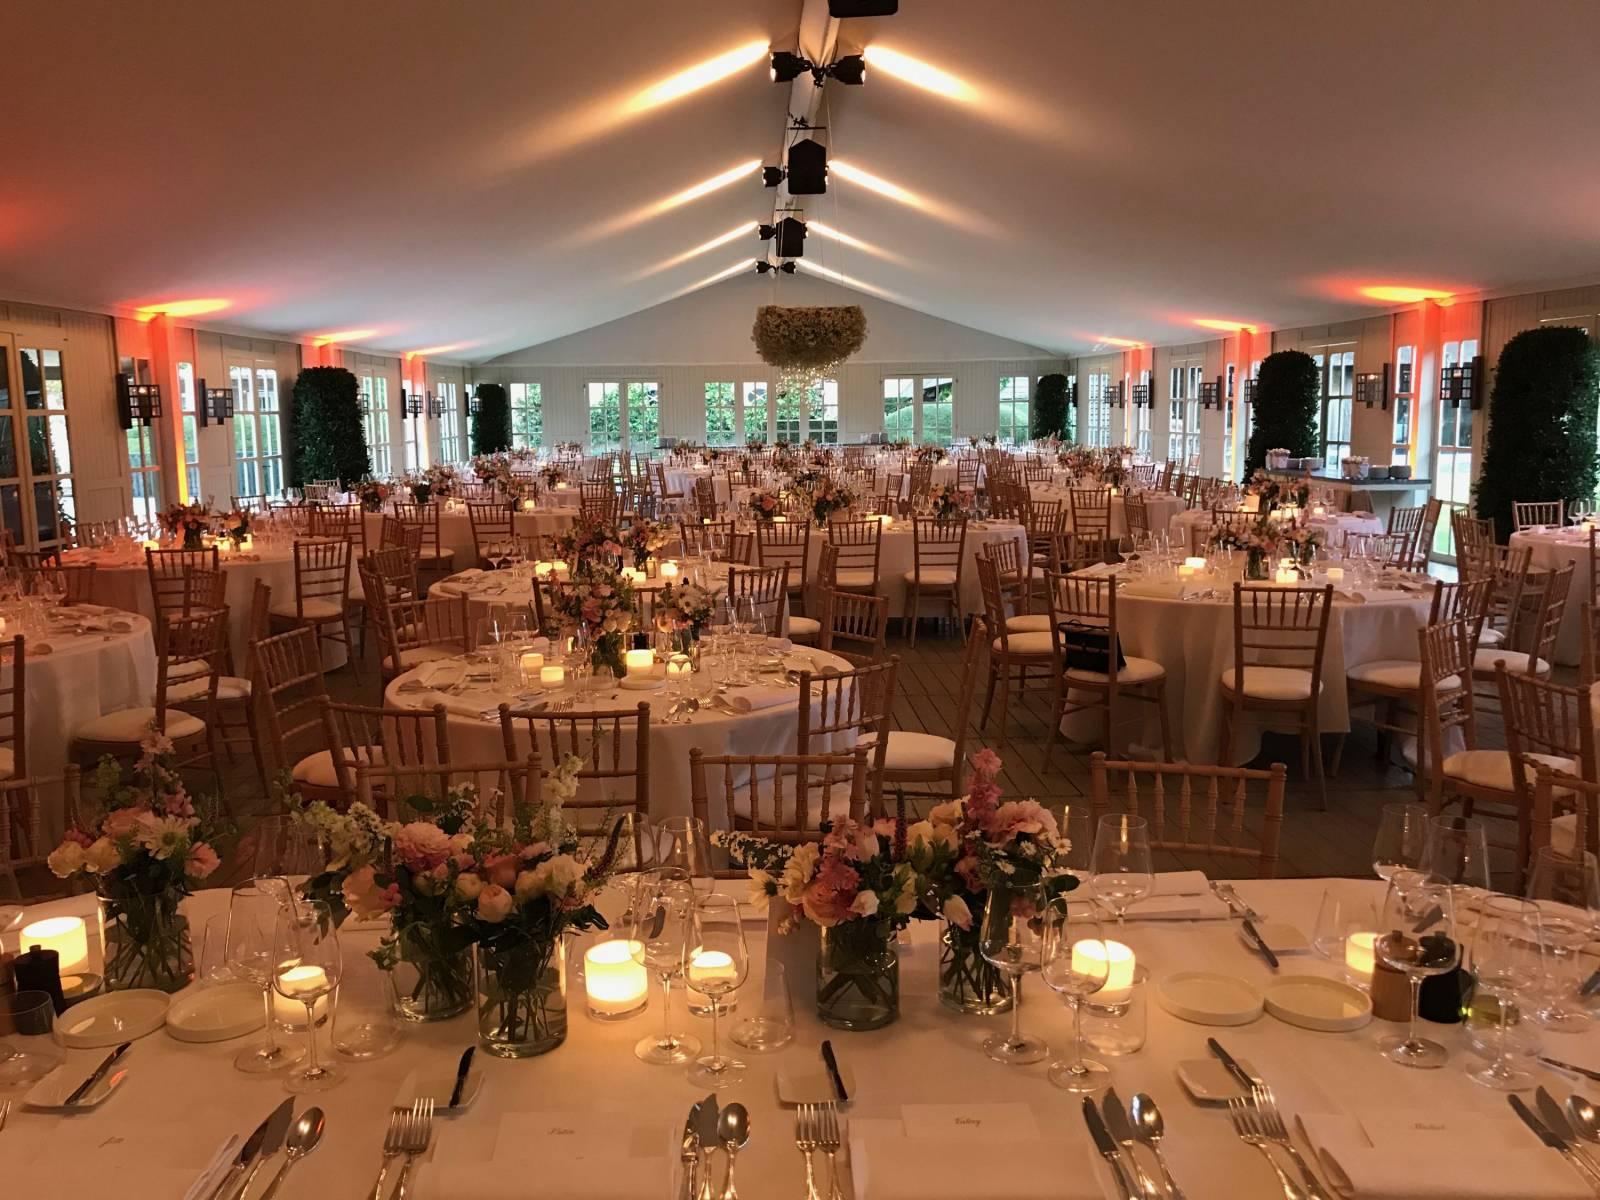 Hendrickx feesten - Catering - Traiteur - Cateraar - House of Events - 17